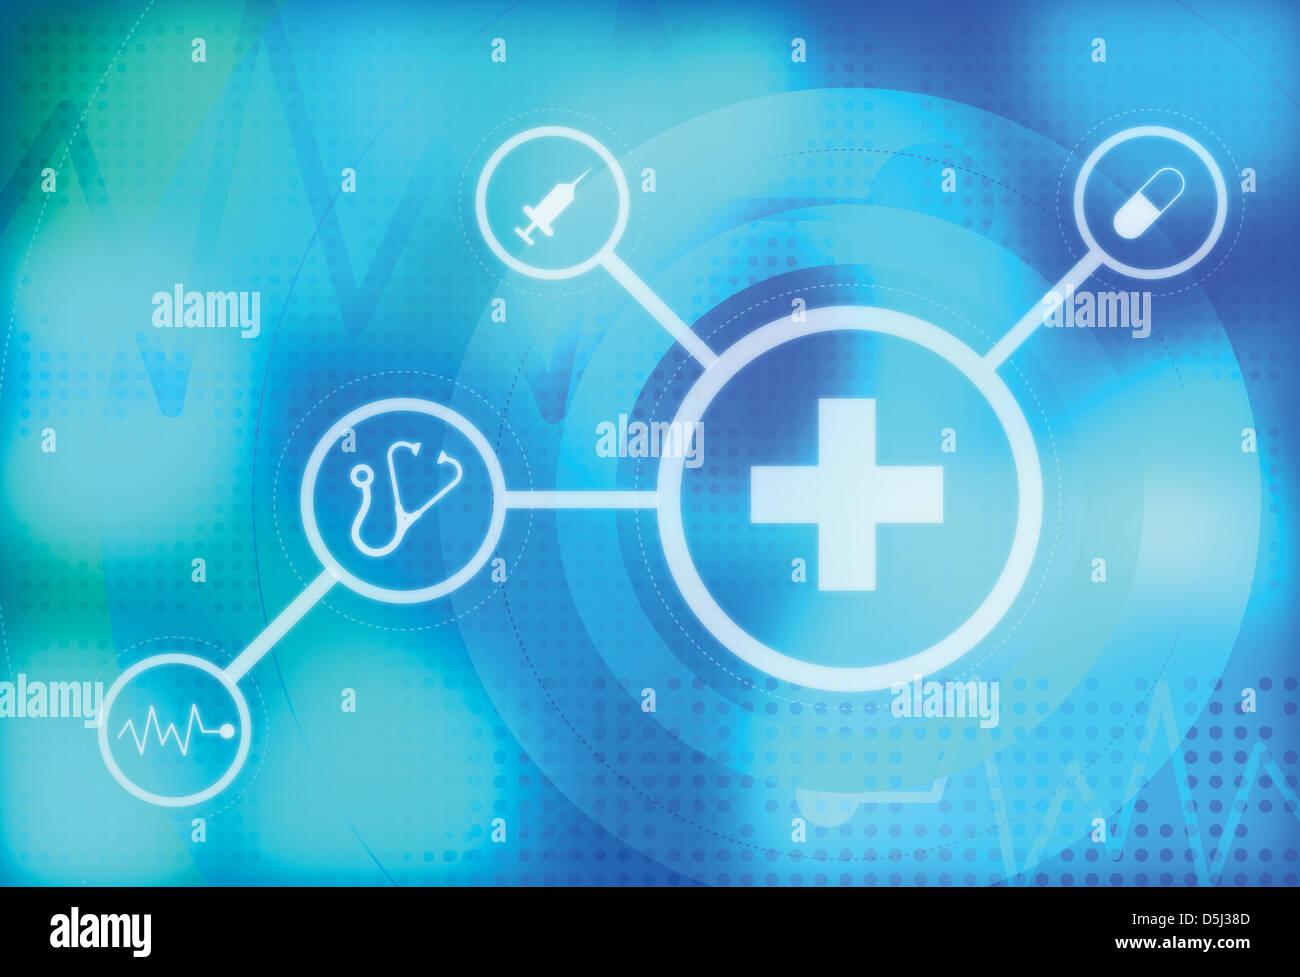 Immagine illustrativa di indicazioni mediche che rappresentano healthcare Immagini Stock